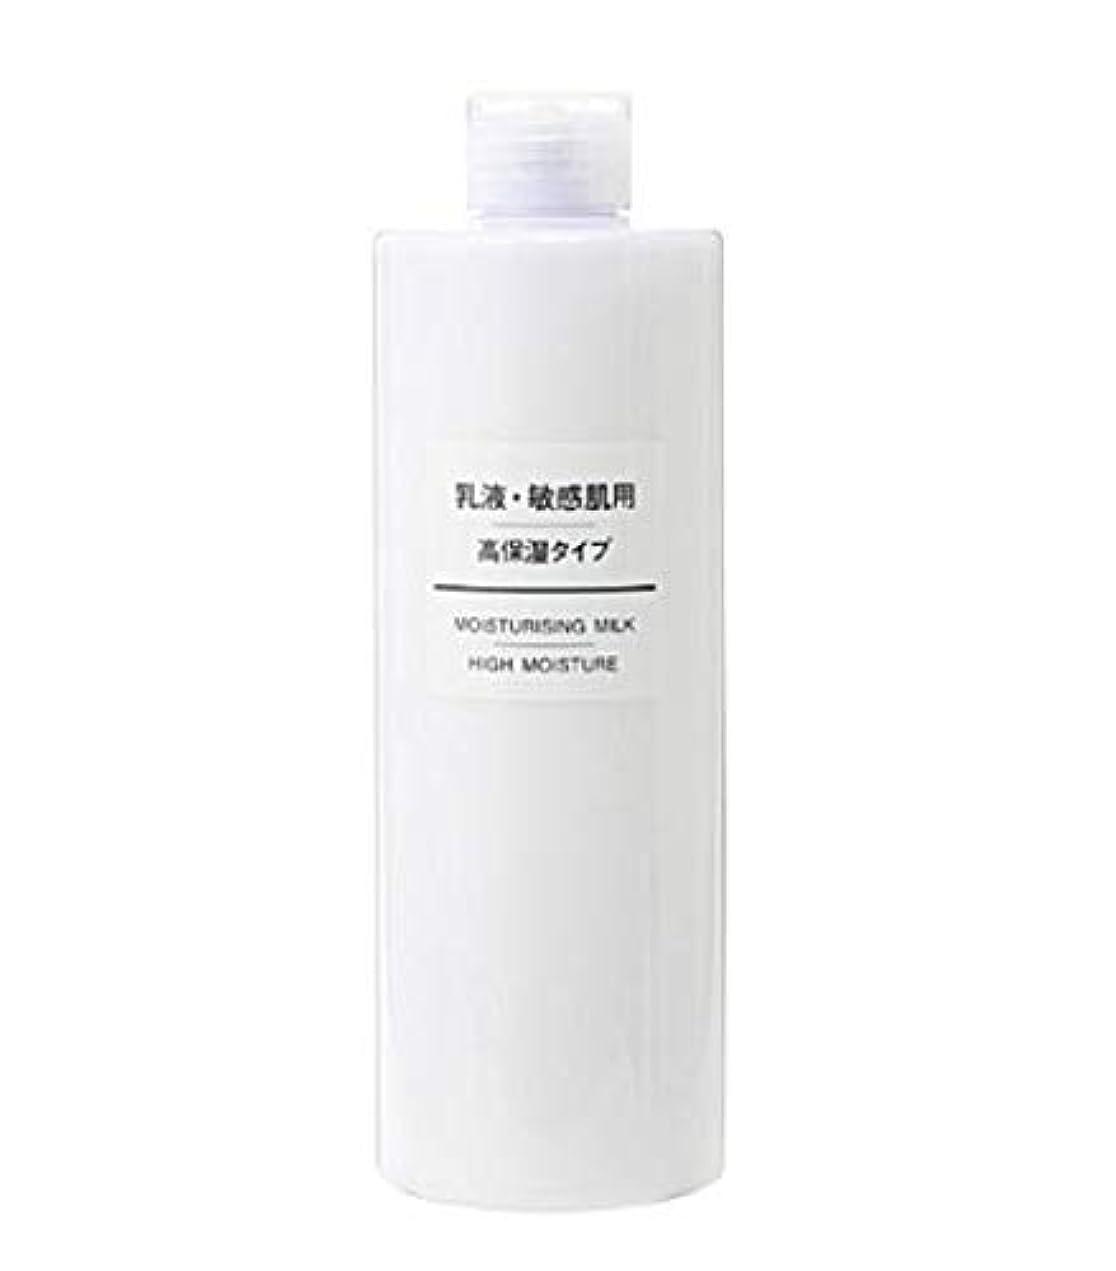 ドック単調な経済無印良品 乳液 敏感肌用 高保湿タイプ (大容量) 400ml